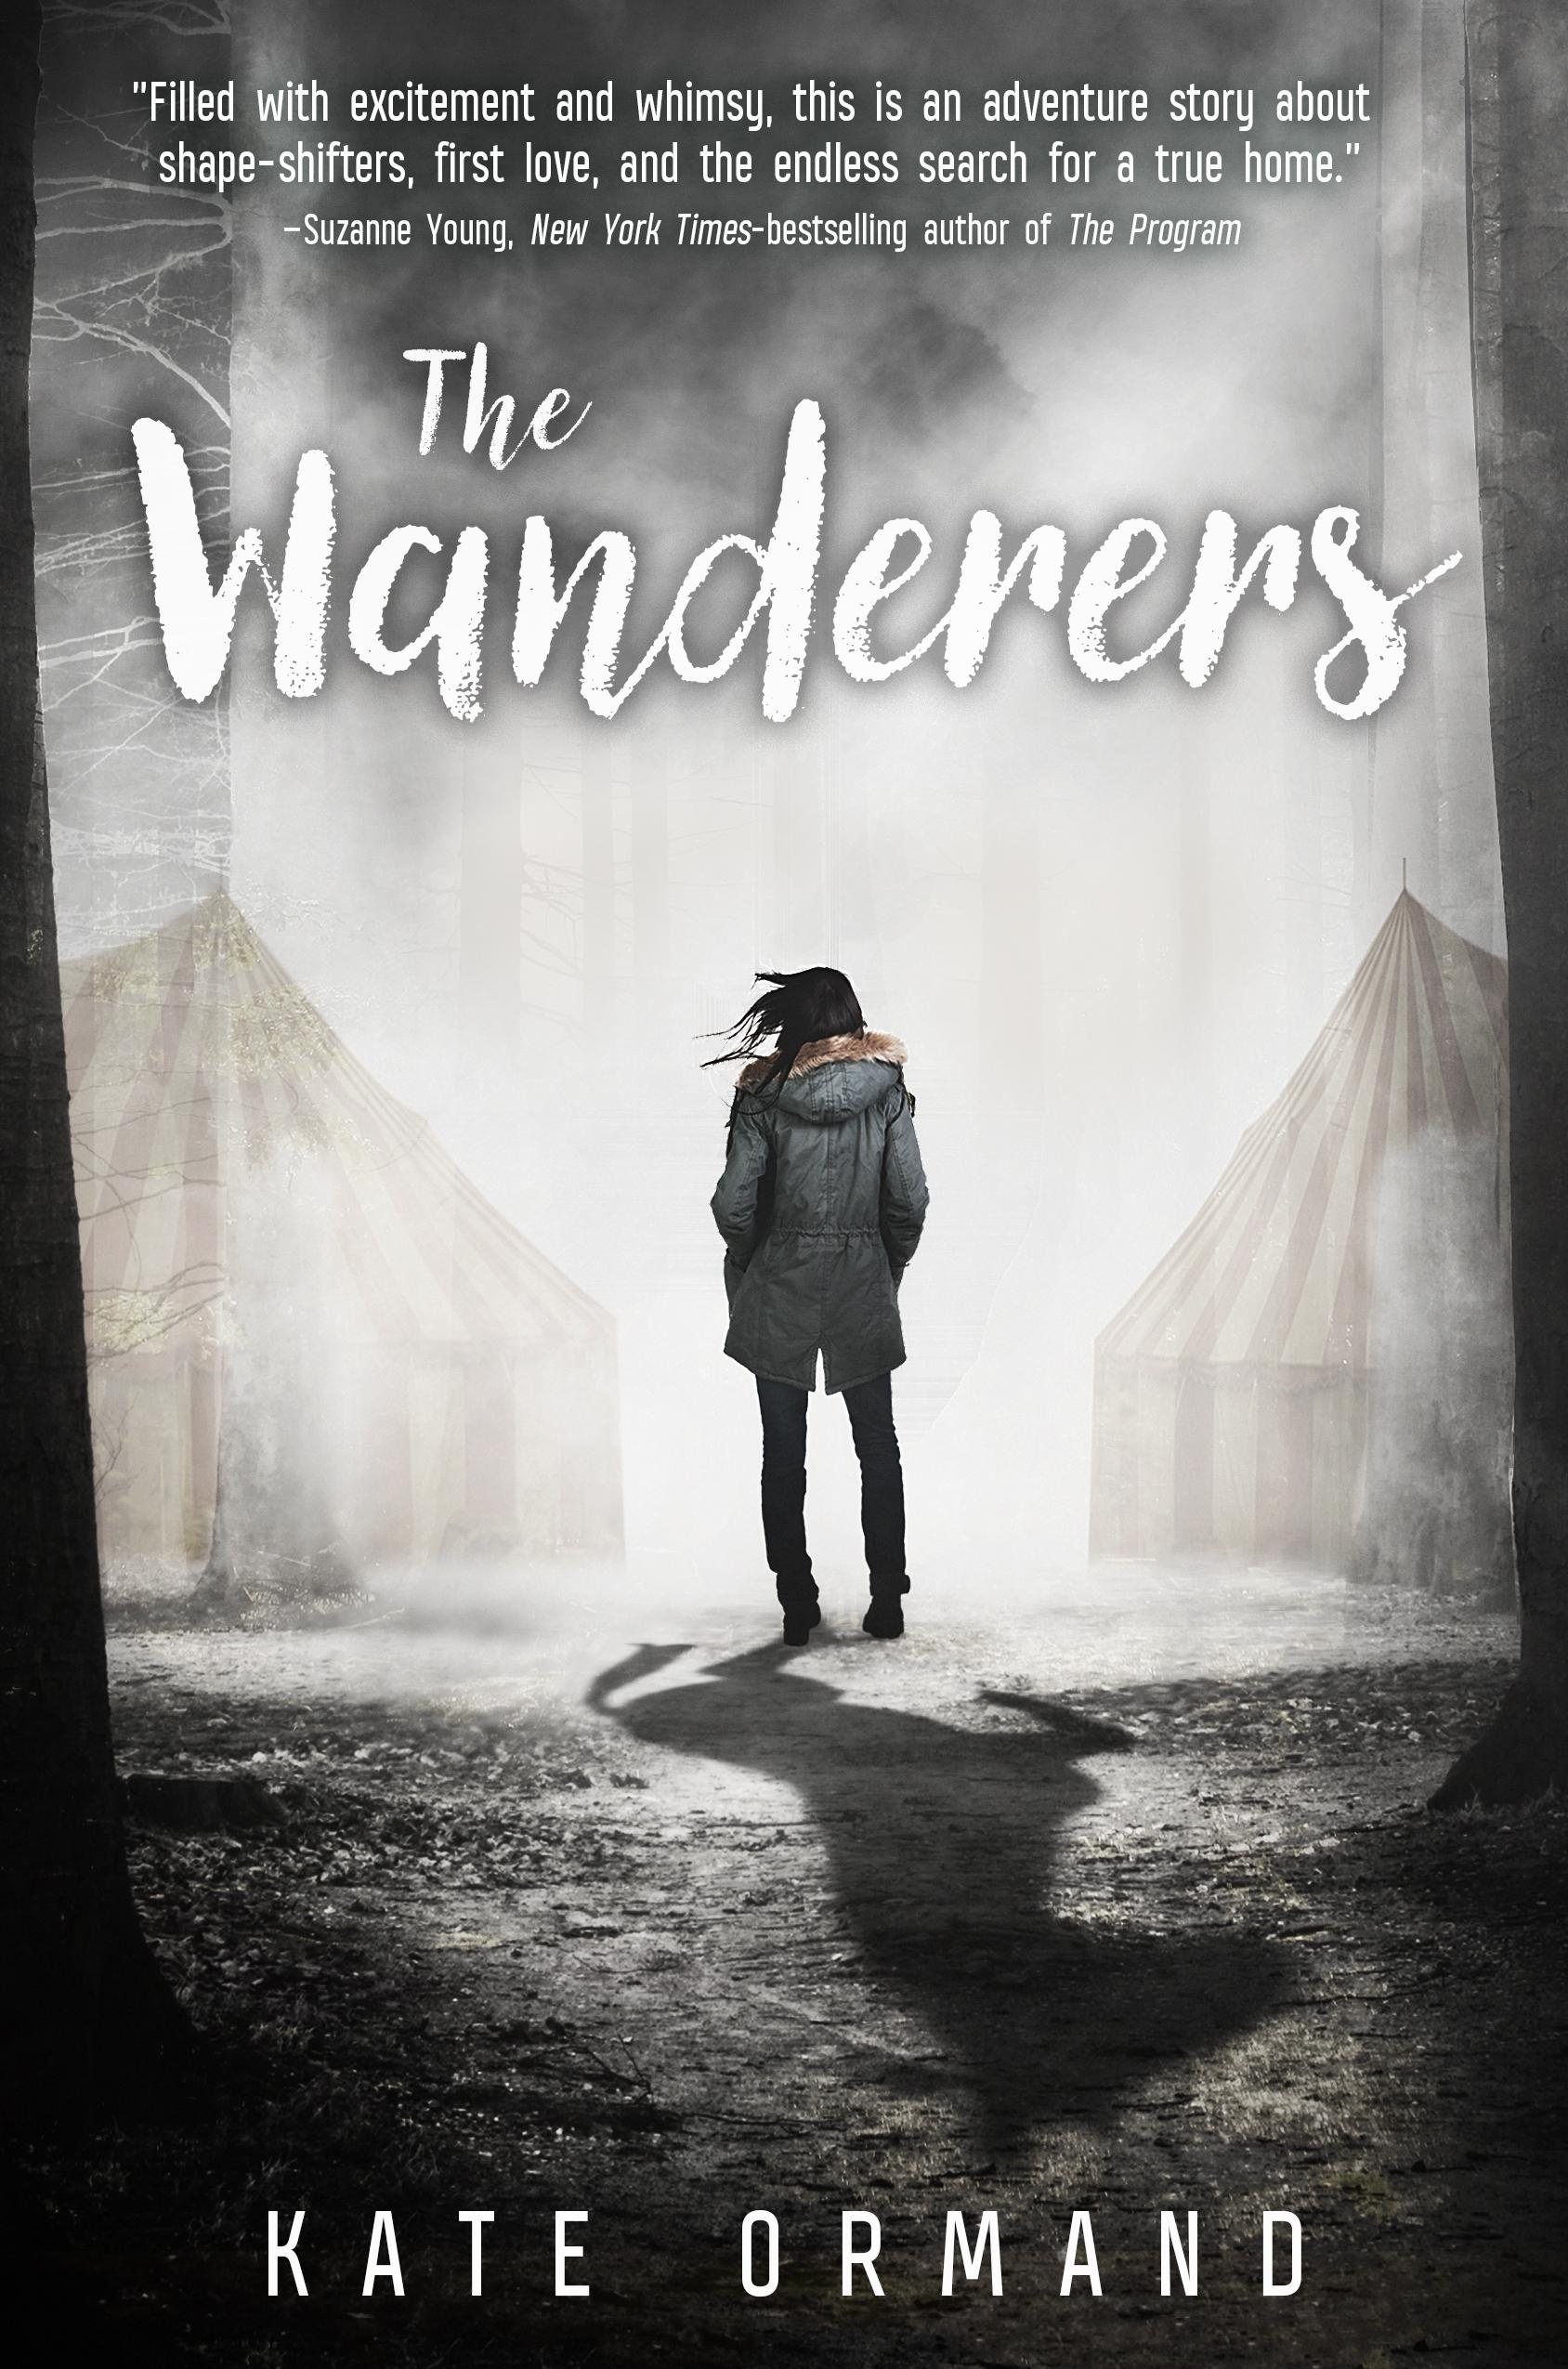 Wanderers PB 9781510715356.jpg